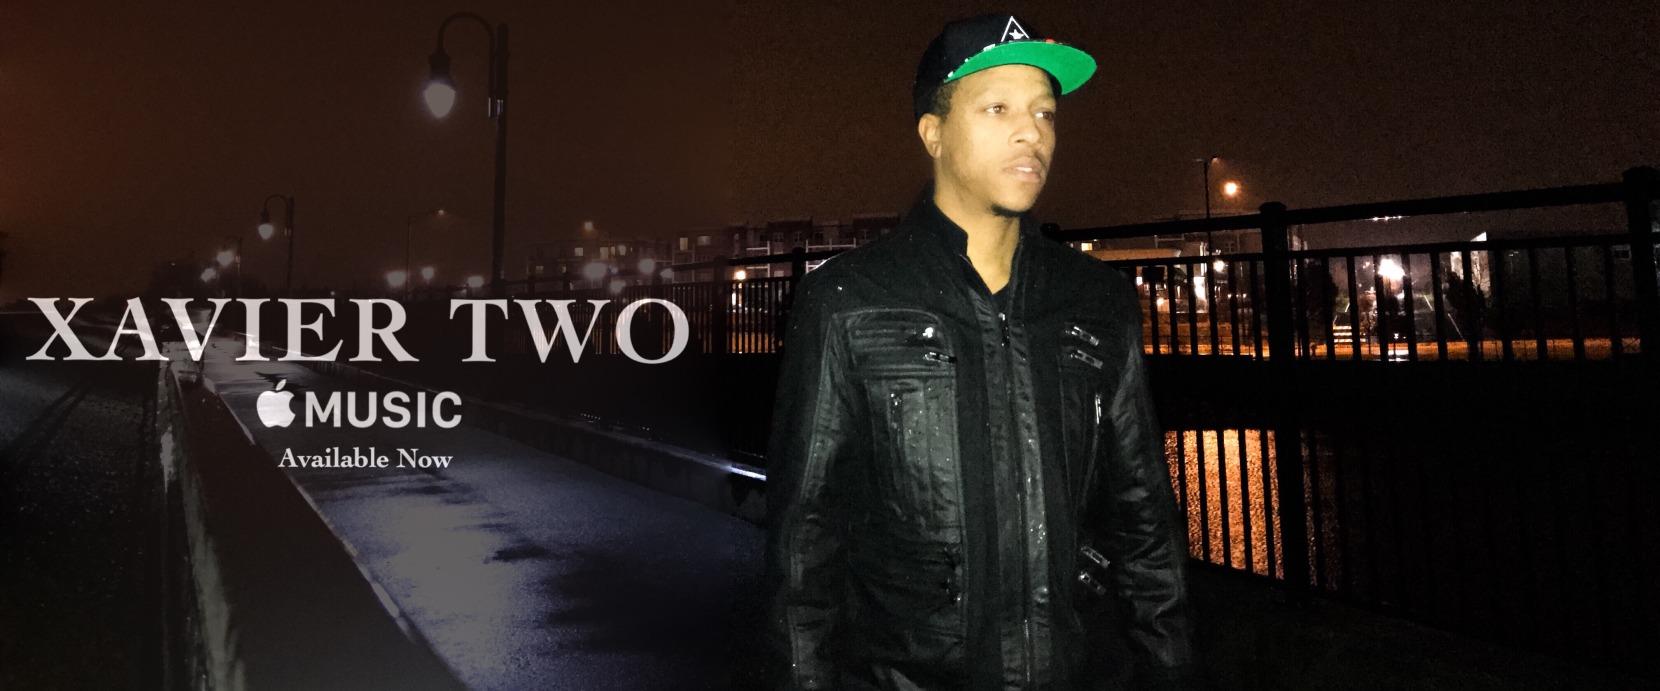 xavier-two-apple-music-banner